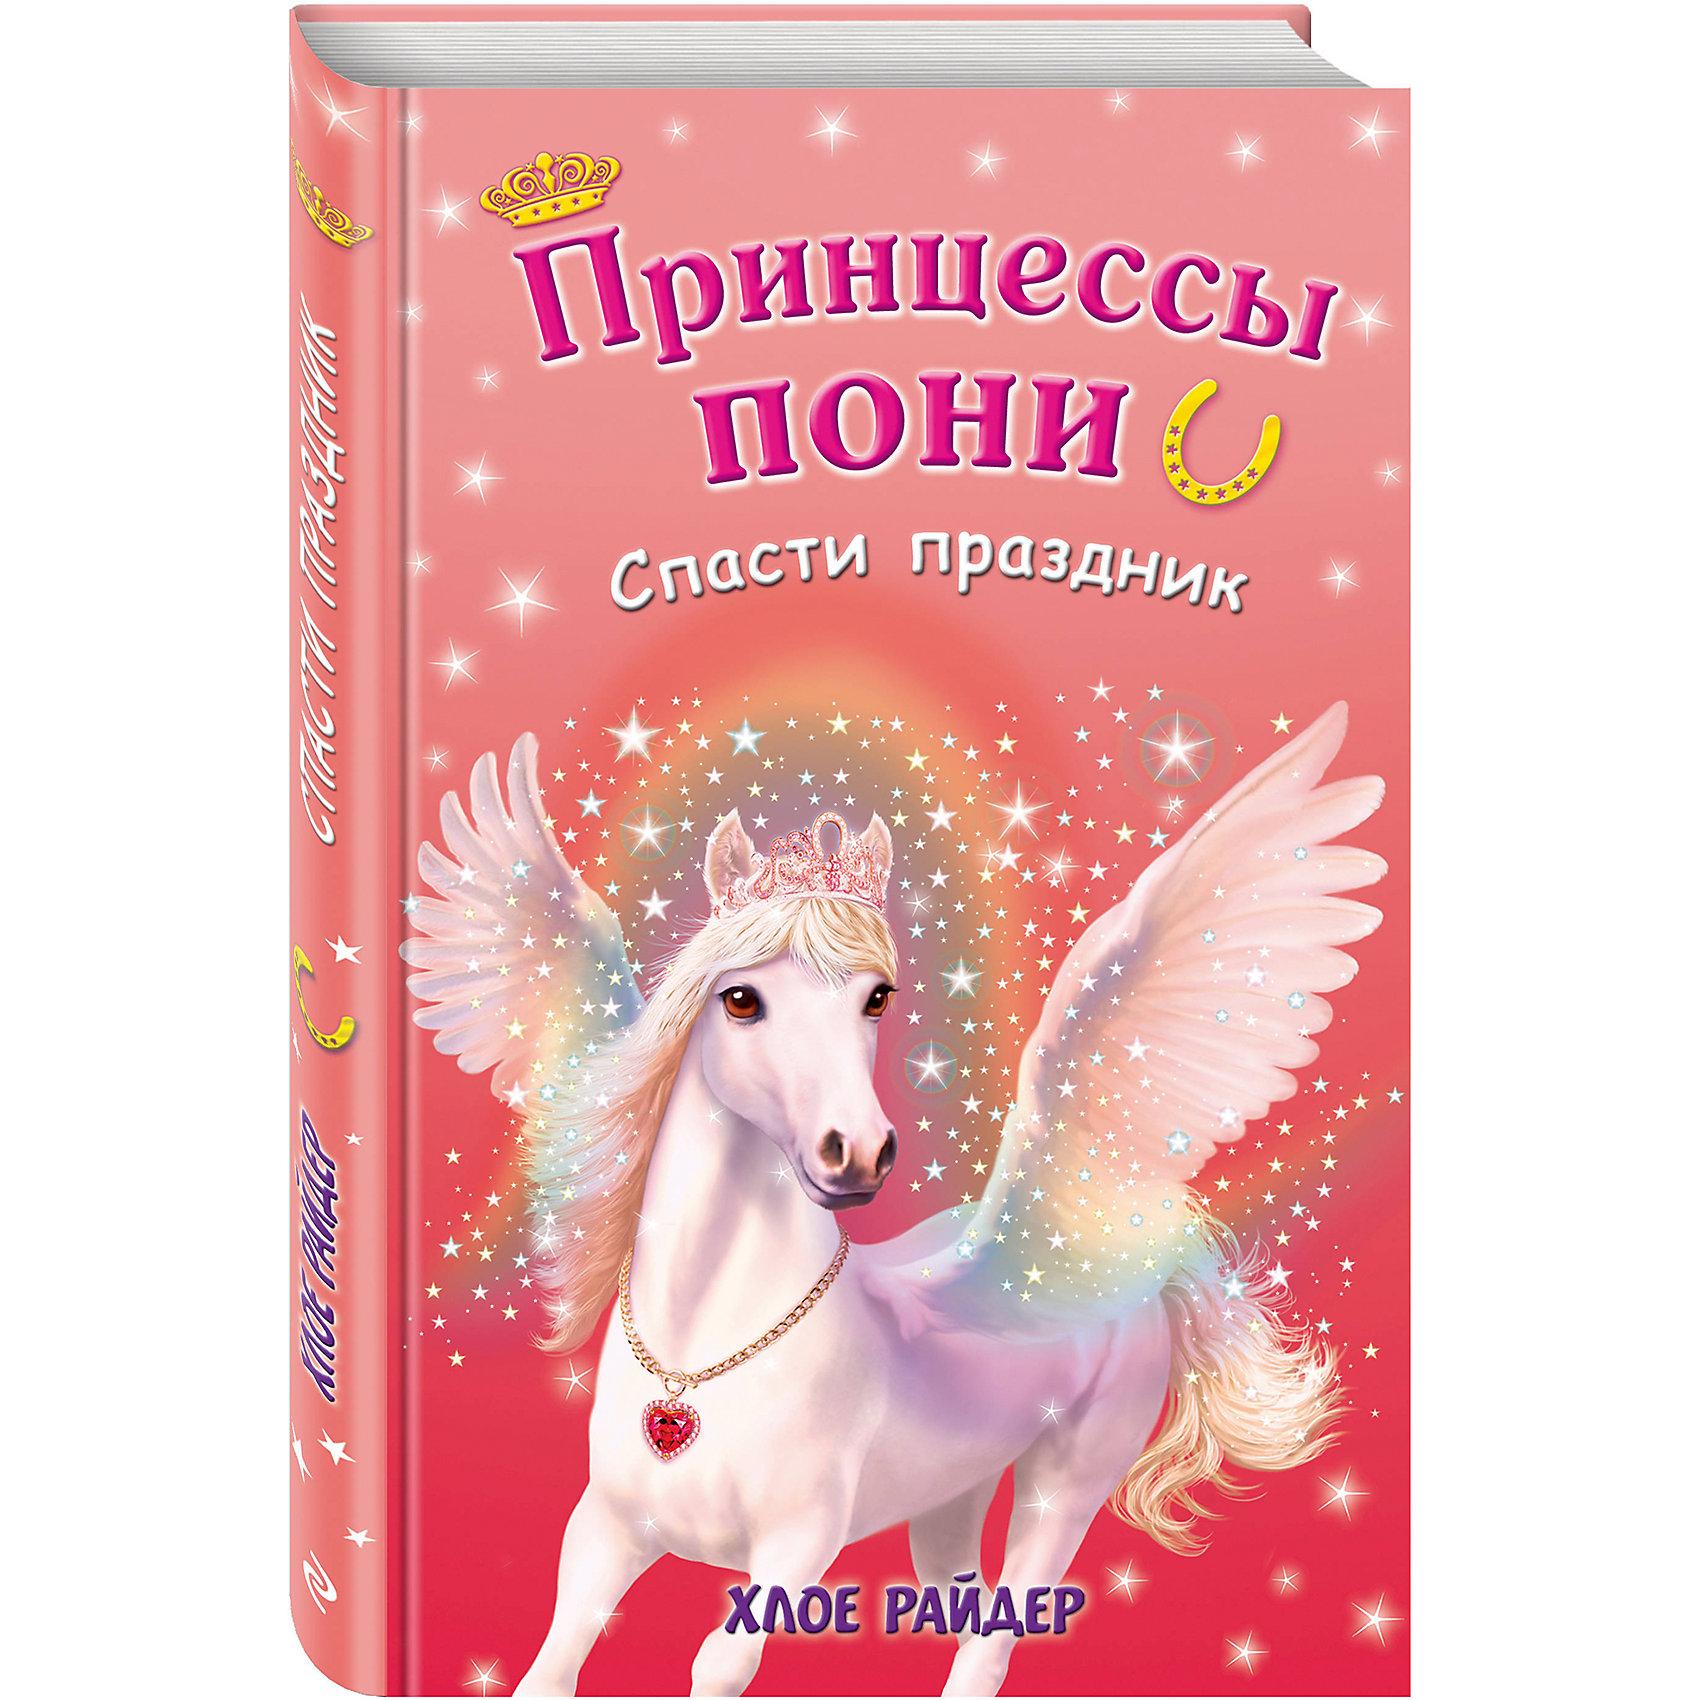 Спасти праздникРассказы и повести<br>Привет! Меня зовут Пиппа, и я люблю лошадей. Я просила маму купить мне пони, но оказалось, что это невозможно. Зато теперь я познакомилась с самыми настоящими волшебными пони и меня ждут удивительные приключения! <br><br>Моя лучшая подруга принцесса Звездочка прилетела за мной  и просит помочь спасти Шевалию. Оказывается, злобная пони Дивайн задумала новую гадость. С помощью колдовства она решила погубить волшебный остров, переругав между собой всех его обитателей. Мне нужно срочно вернуть любовь в Шевалию, чтобы между пони воцарился мир. Смогу ли я справиться с такой сложной миссией?<br><br>Ширина мм: 210<br>Глубина мм: 140<br>Высота мм: 10<br>Вес г: 259<br>Возраст от месяцев: 72<br>Возраст до месяцев: 144<br>Пол: Унисекс<br>Возраст: Детский<br>SKU: 6878117